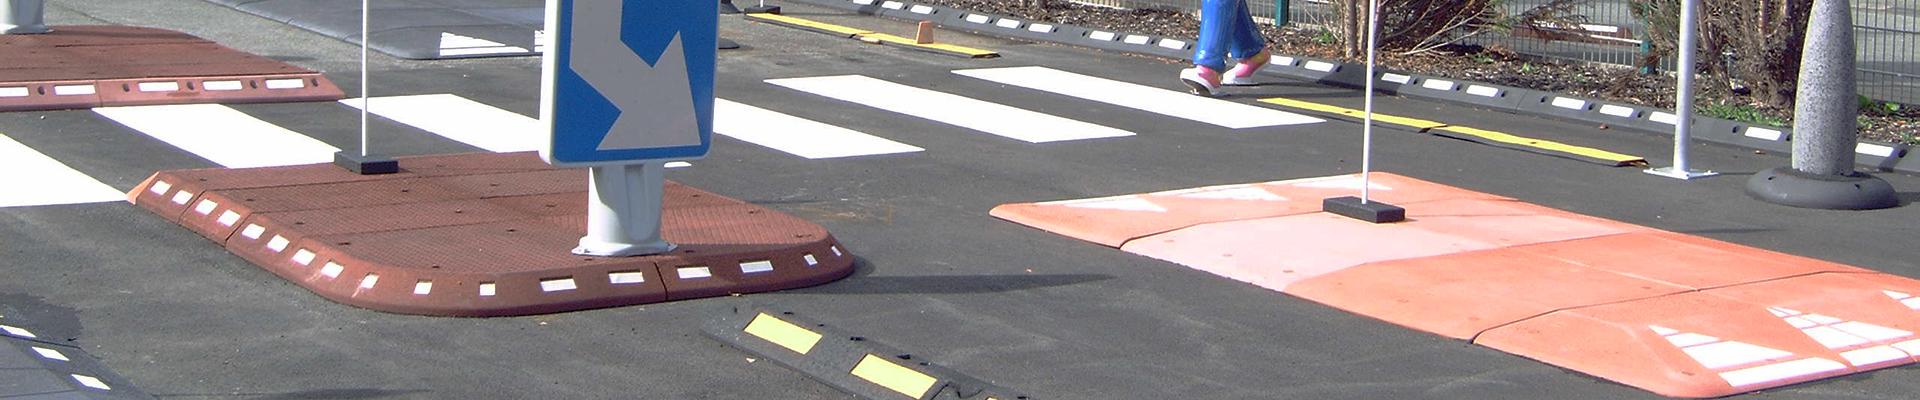 Ph Gummitechnik Verkehrssicherheitsprodukte